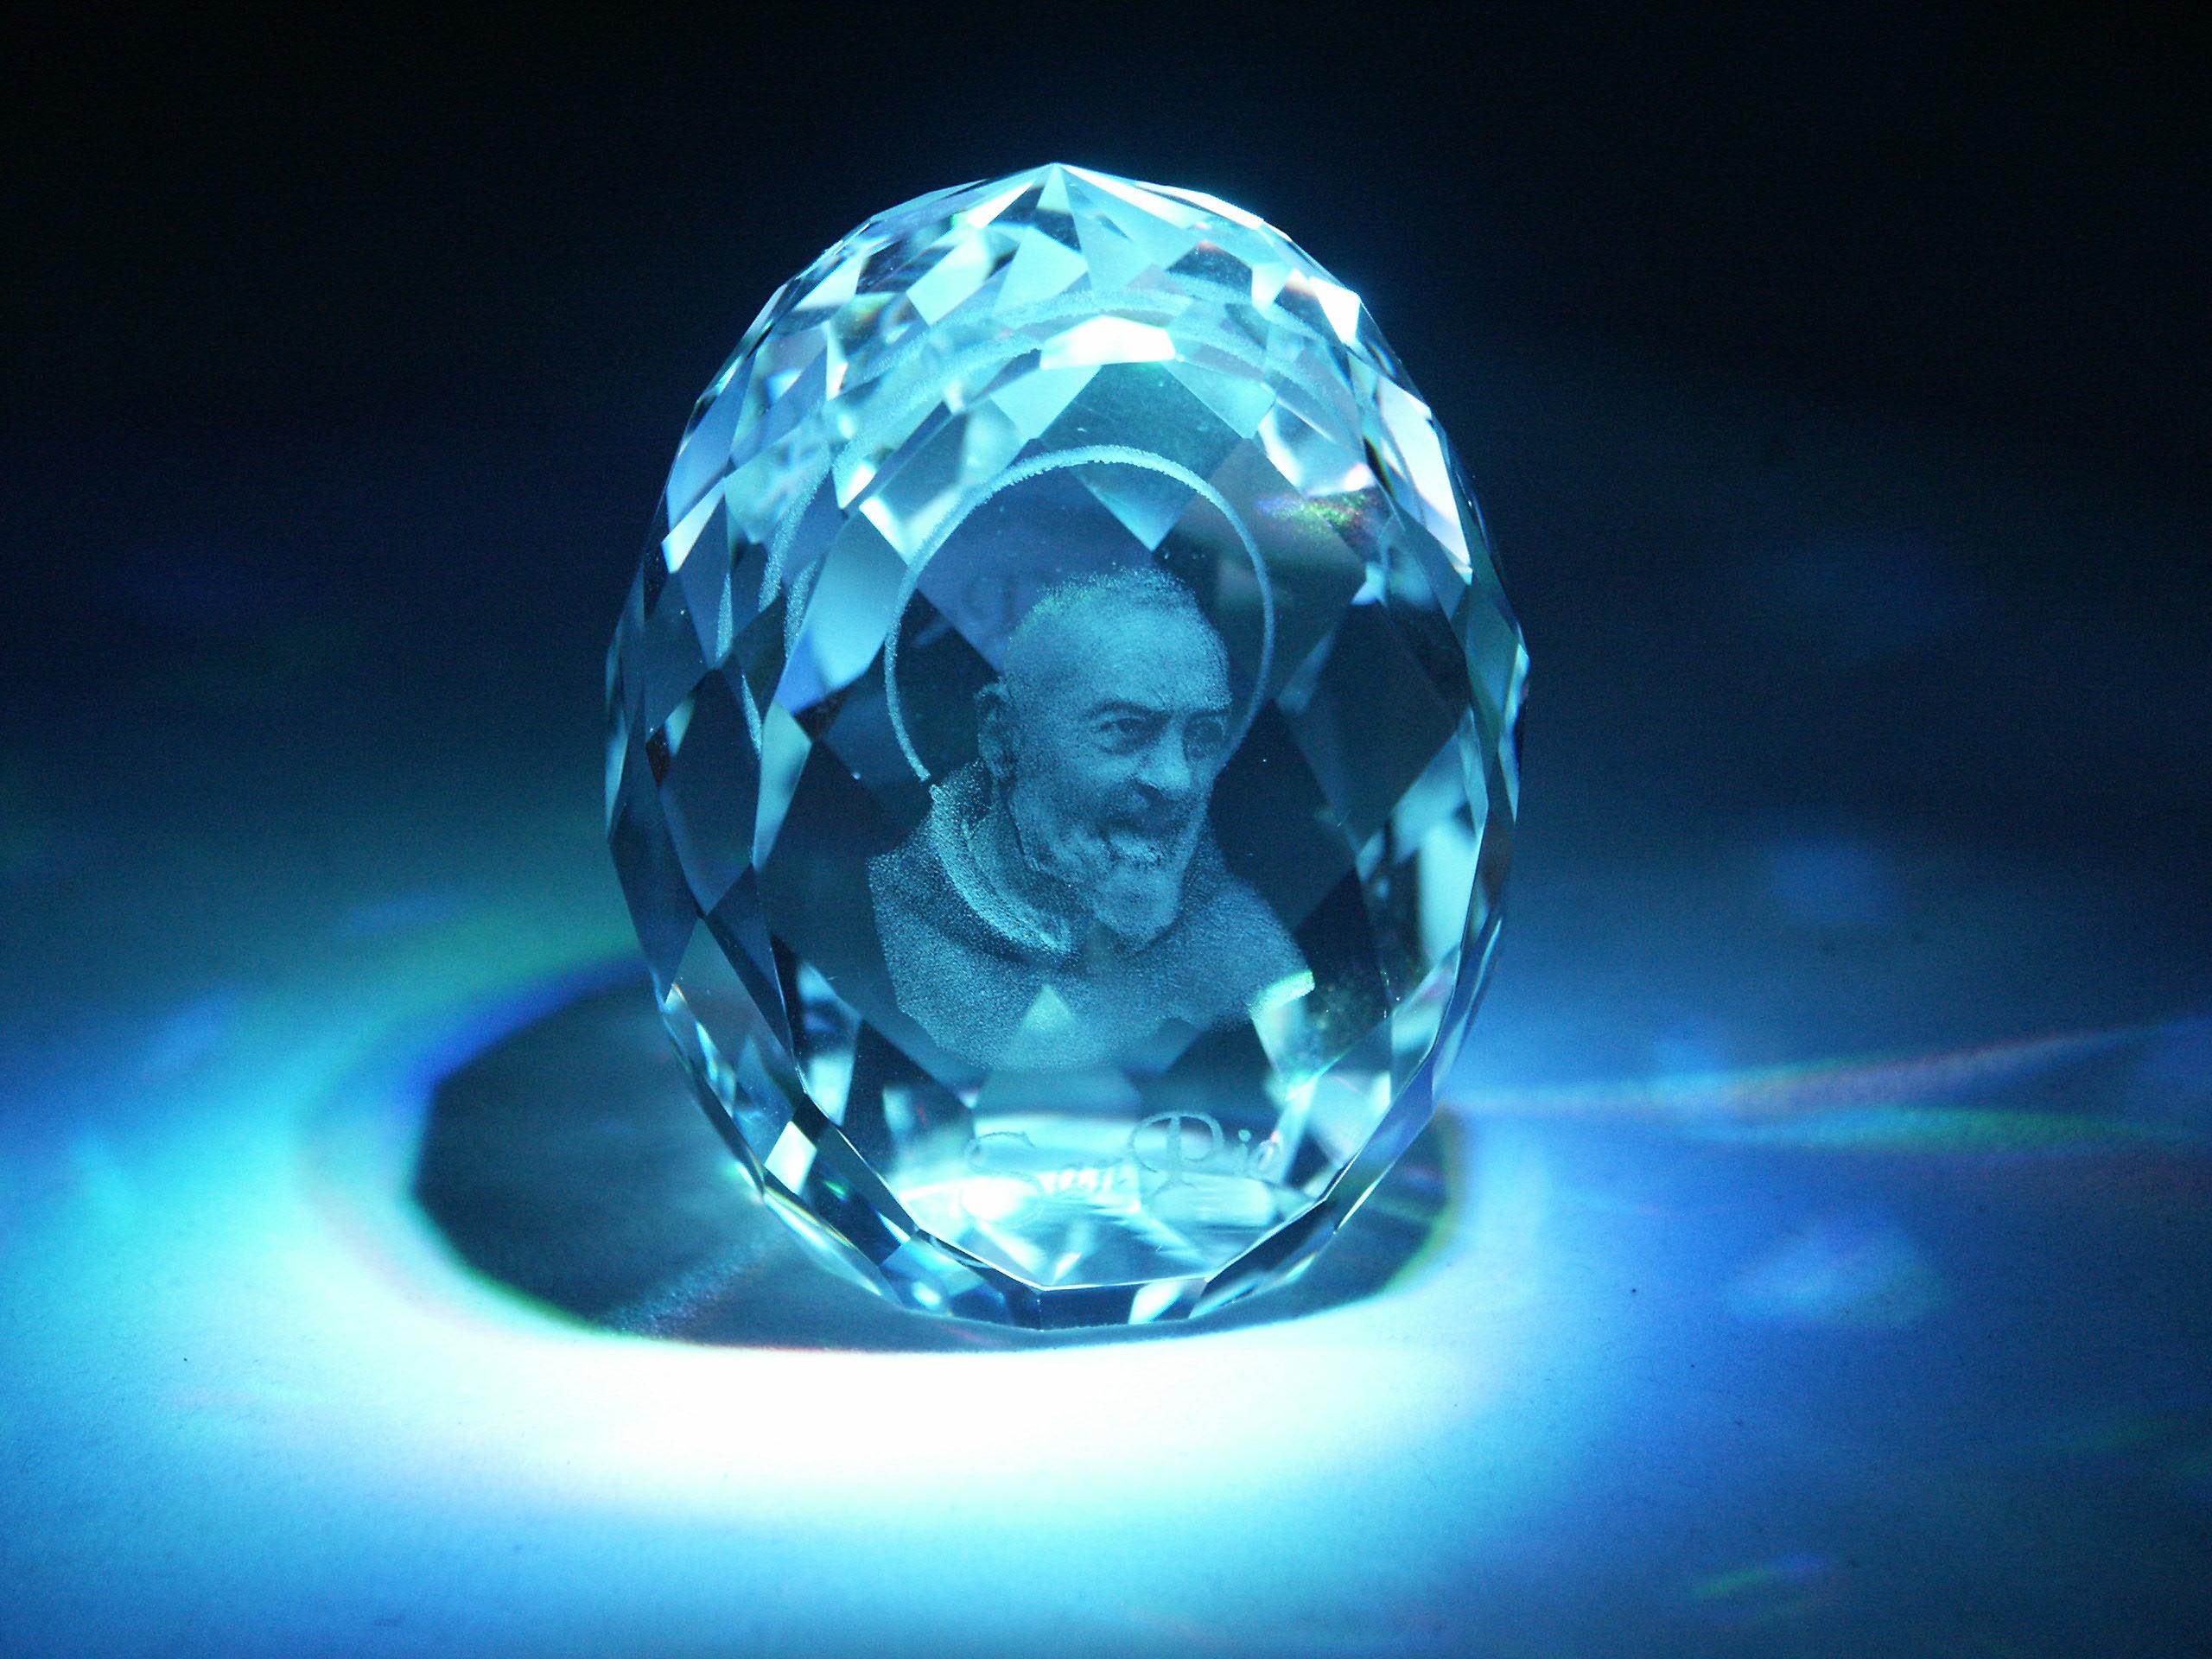 3D portrét laserovaný ve speciálním skleněném polotovaru